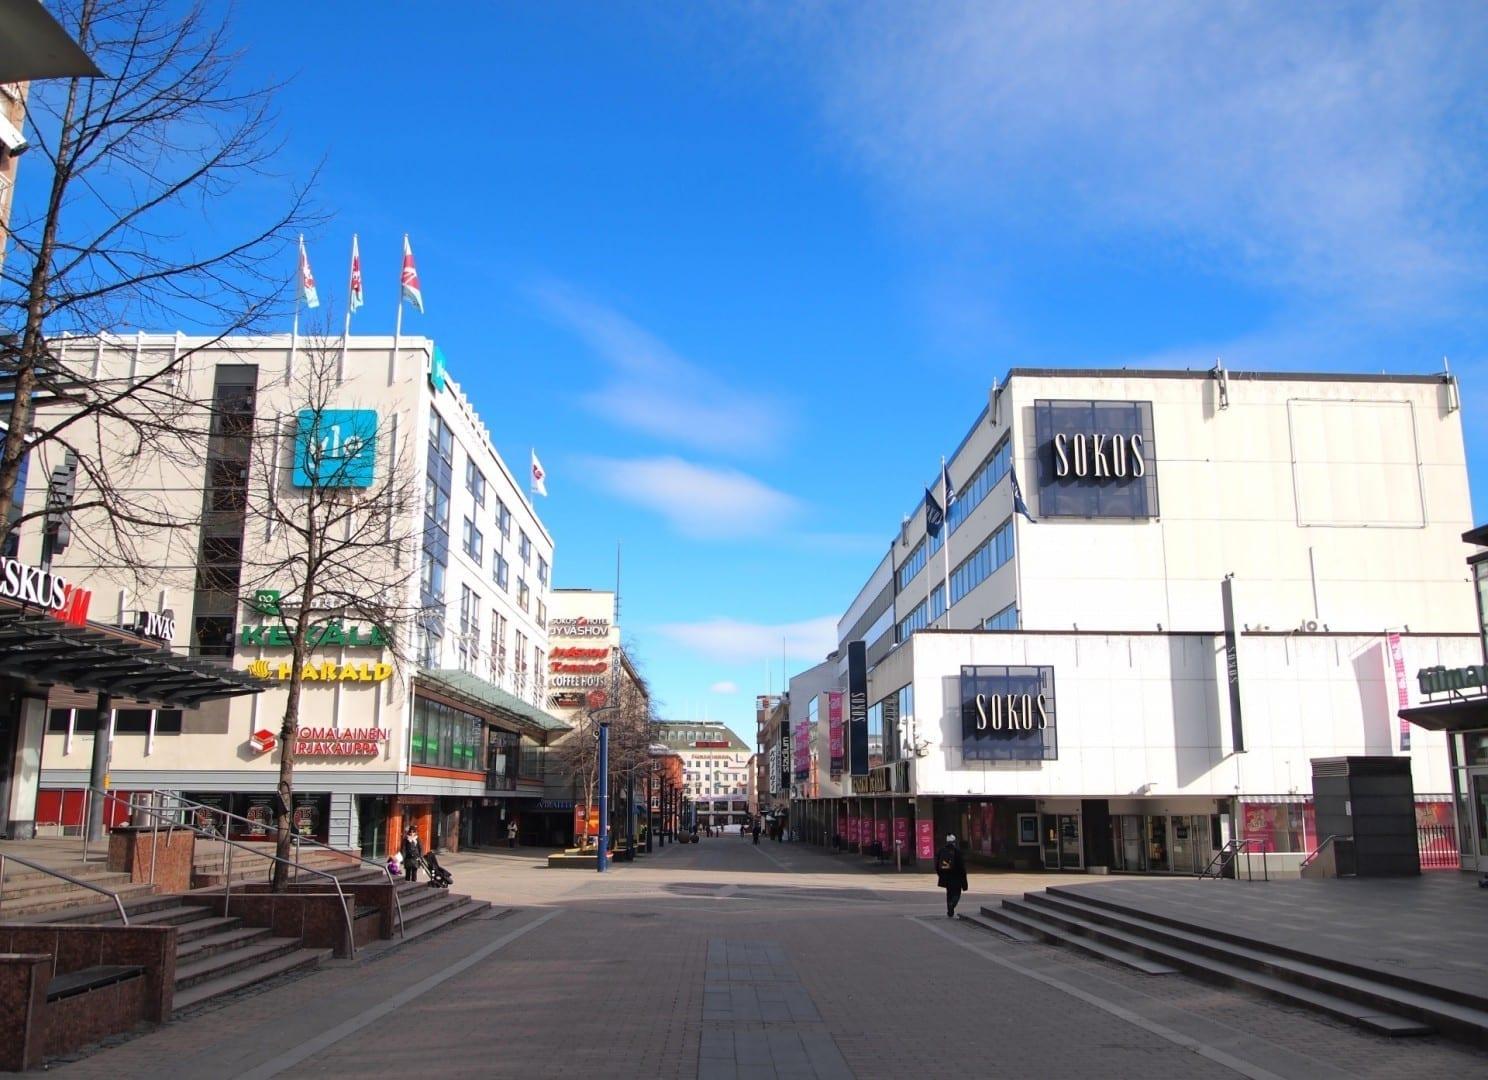 Algunos de los centros comerciales se encuentran alrededor de la calle Kauppakatu en el centro de Jyväskylä Jyvaskyla Finlandia